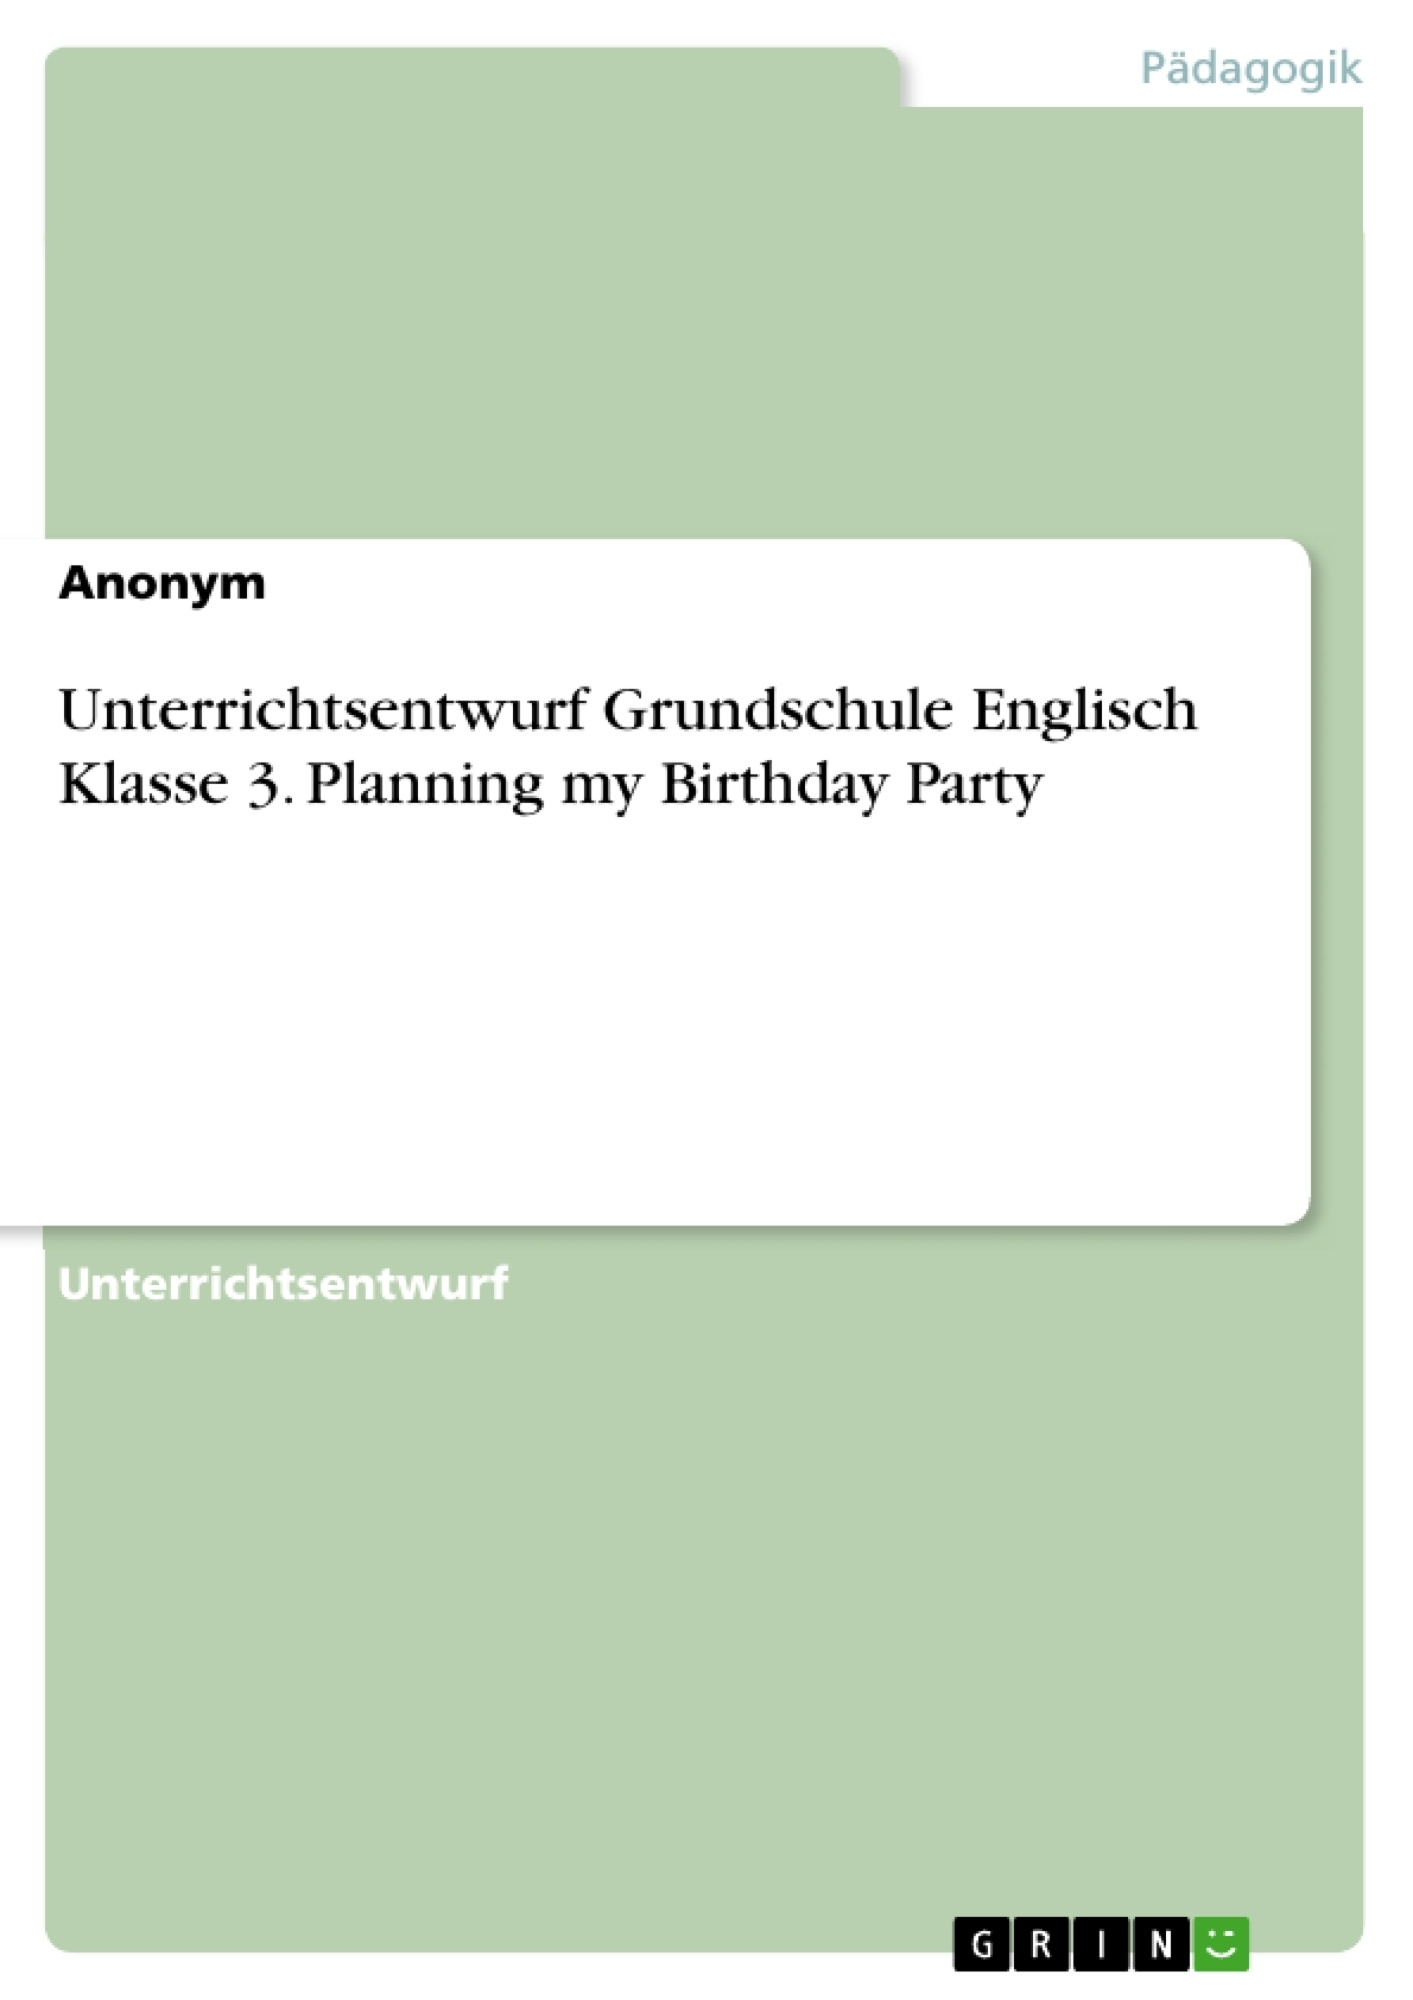 Titel: Unterrichtsentwurf Grundschule Englisch Klasse 3. Planning my Birthday Party